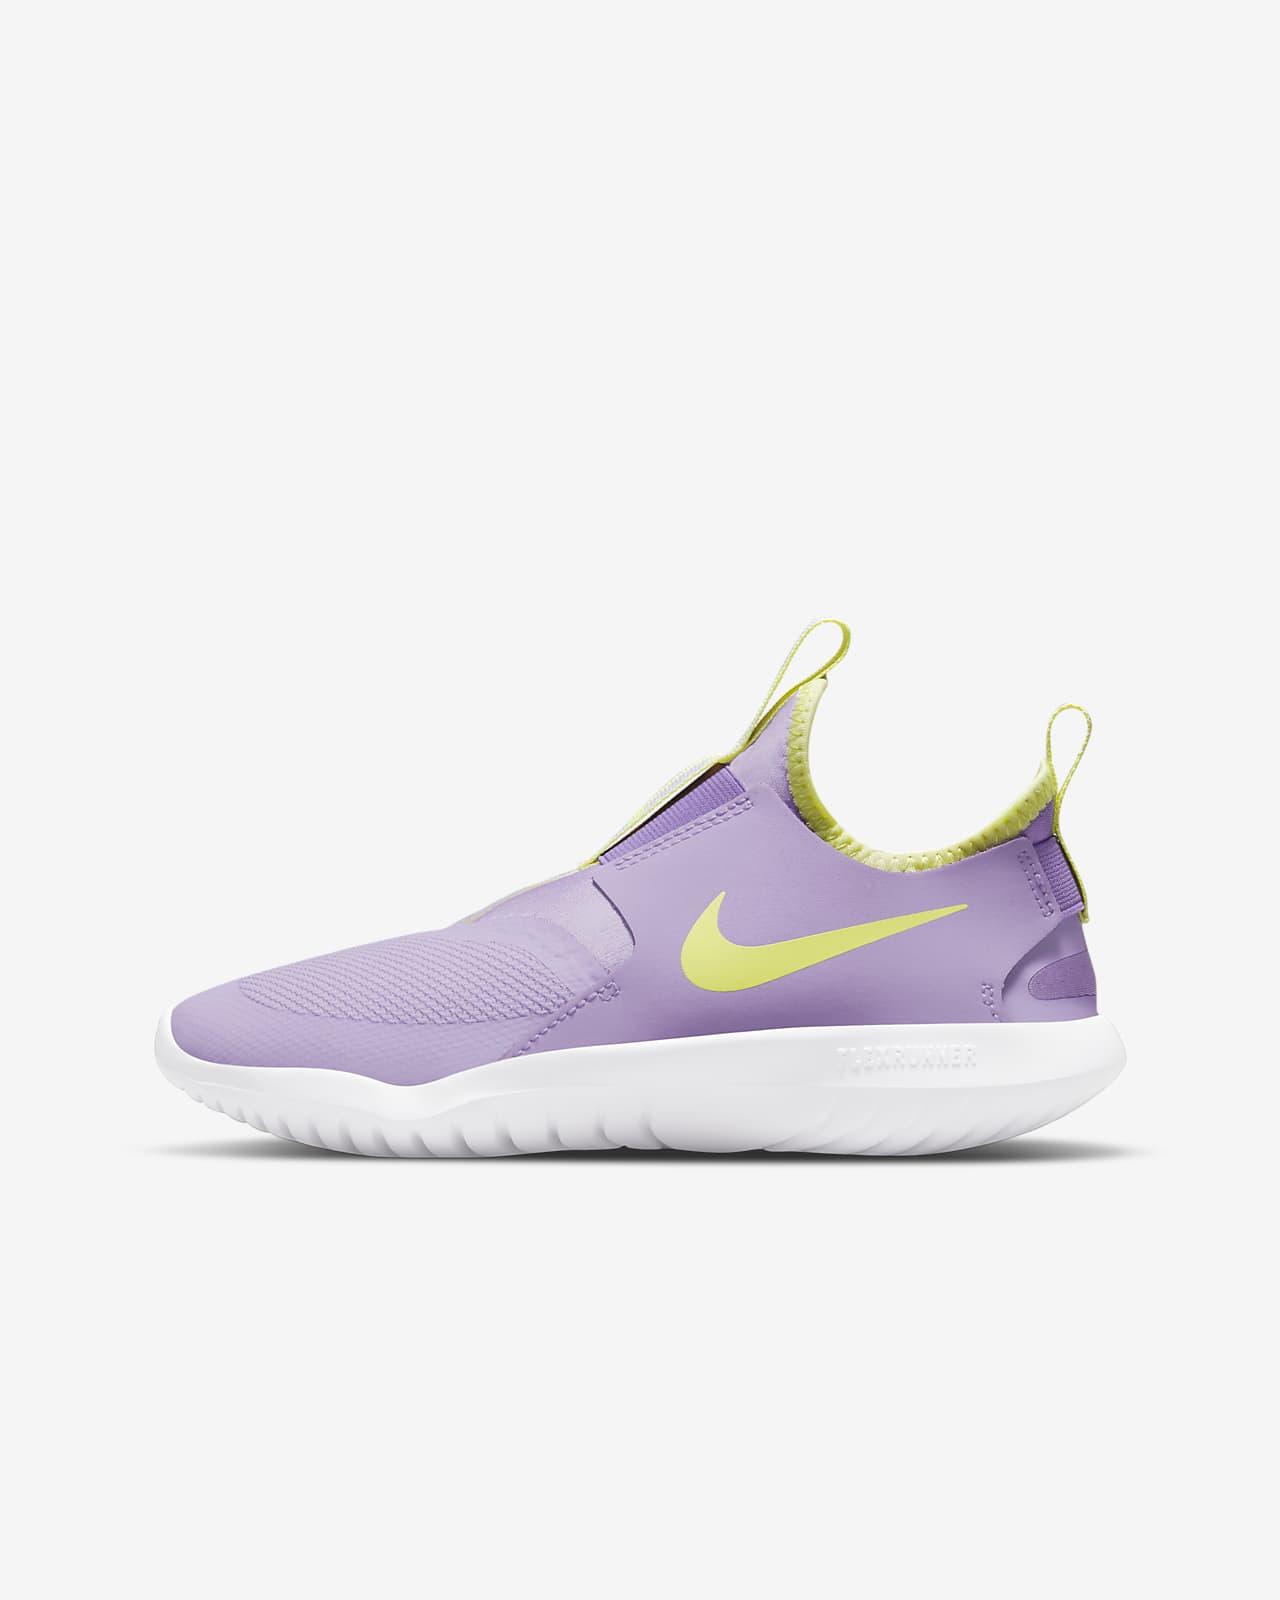 Παπούτσια για τρέξιμο σε δρόμο Nike Flex Runner για μεγάλα παιδιά